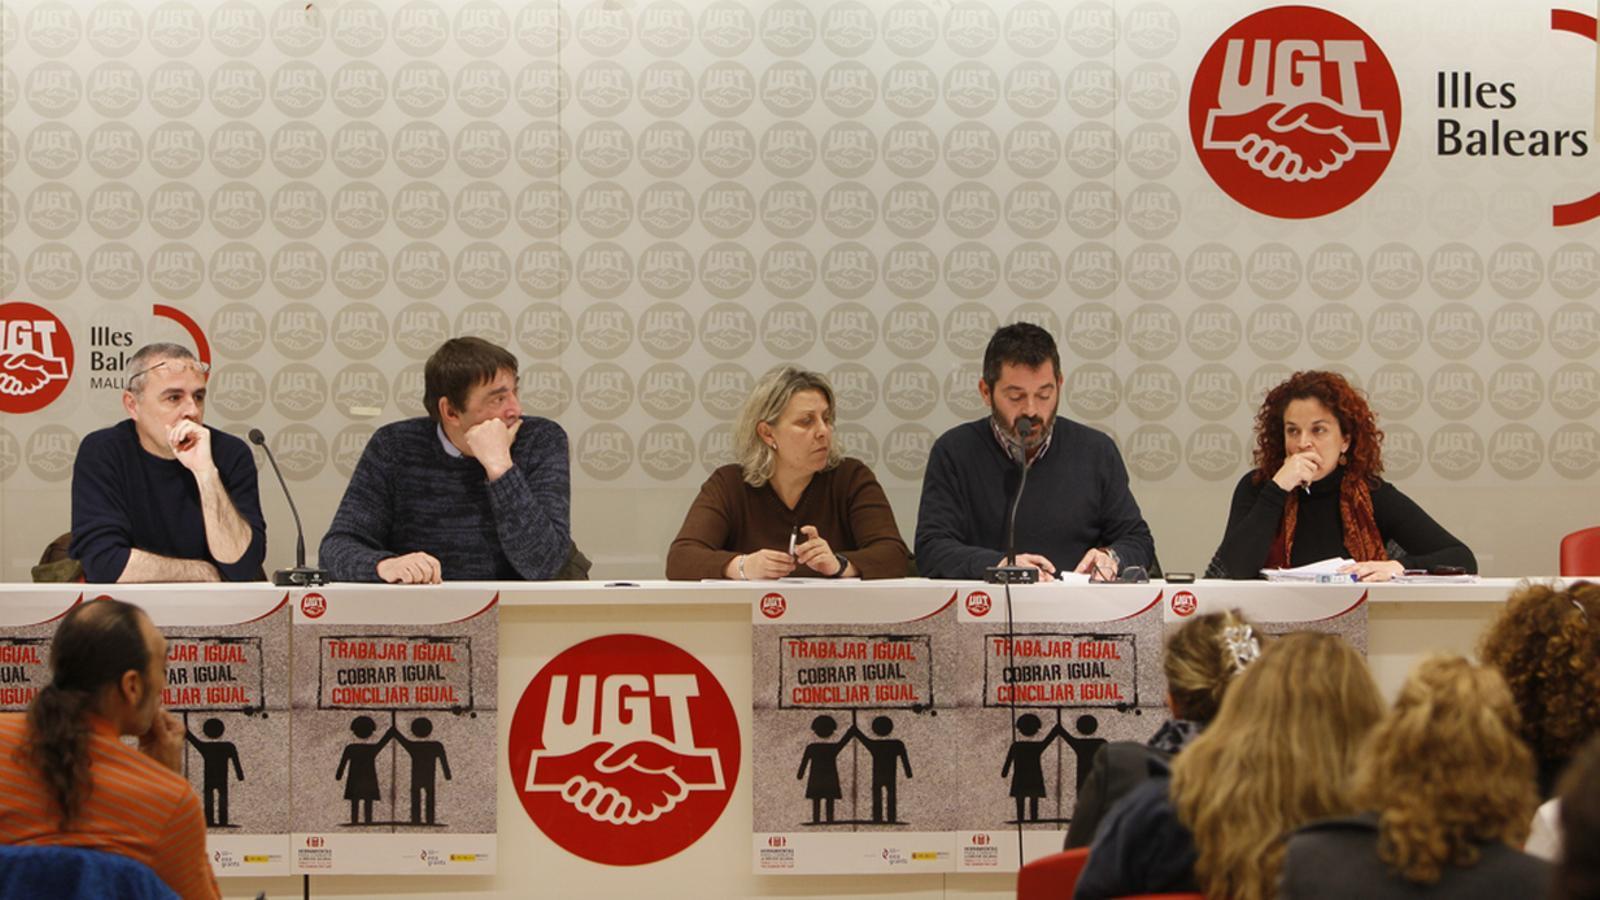 Els sindicats consideren que la patronal té una postura immobilista. / ISAAC BUJ